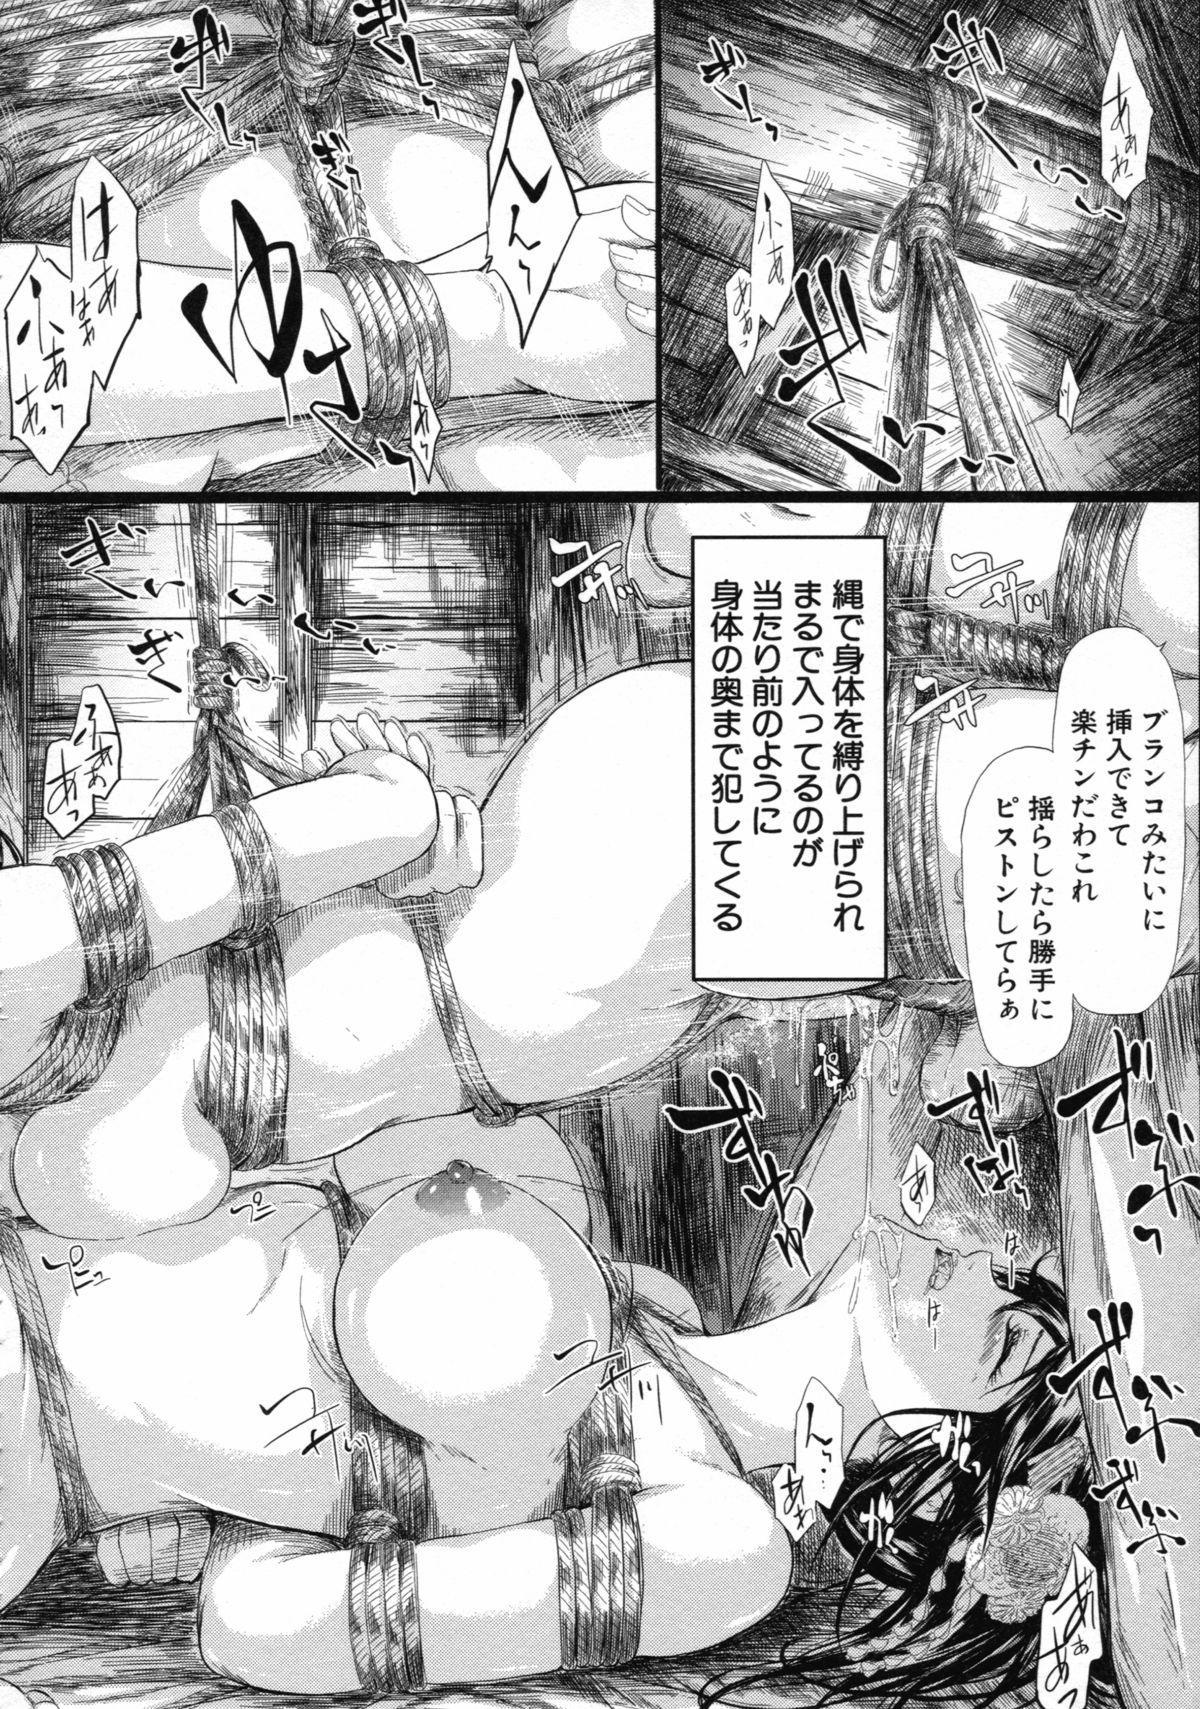 [Shiki Takuto] Tokoharu no Shoujo-tachi - The Girls in the Eternal Spring 146